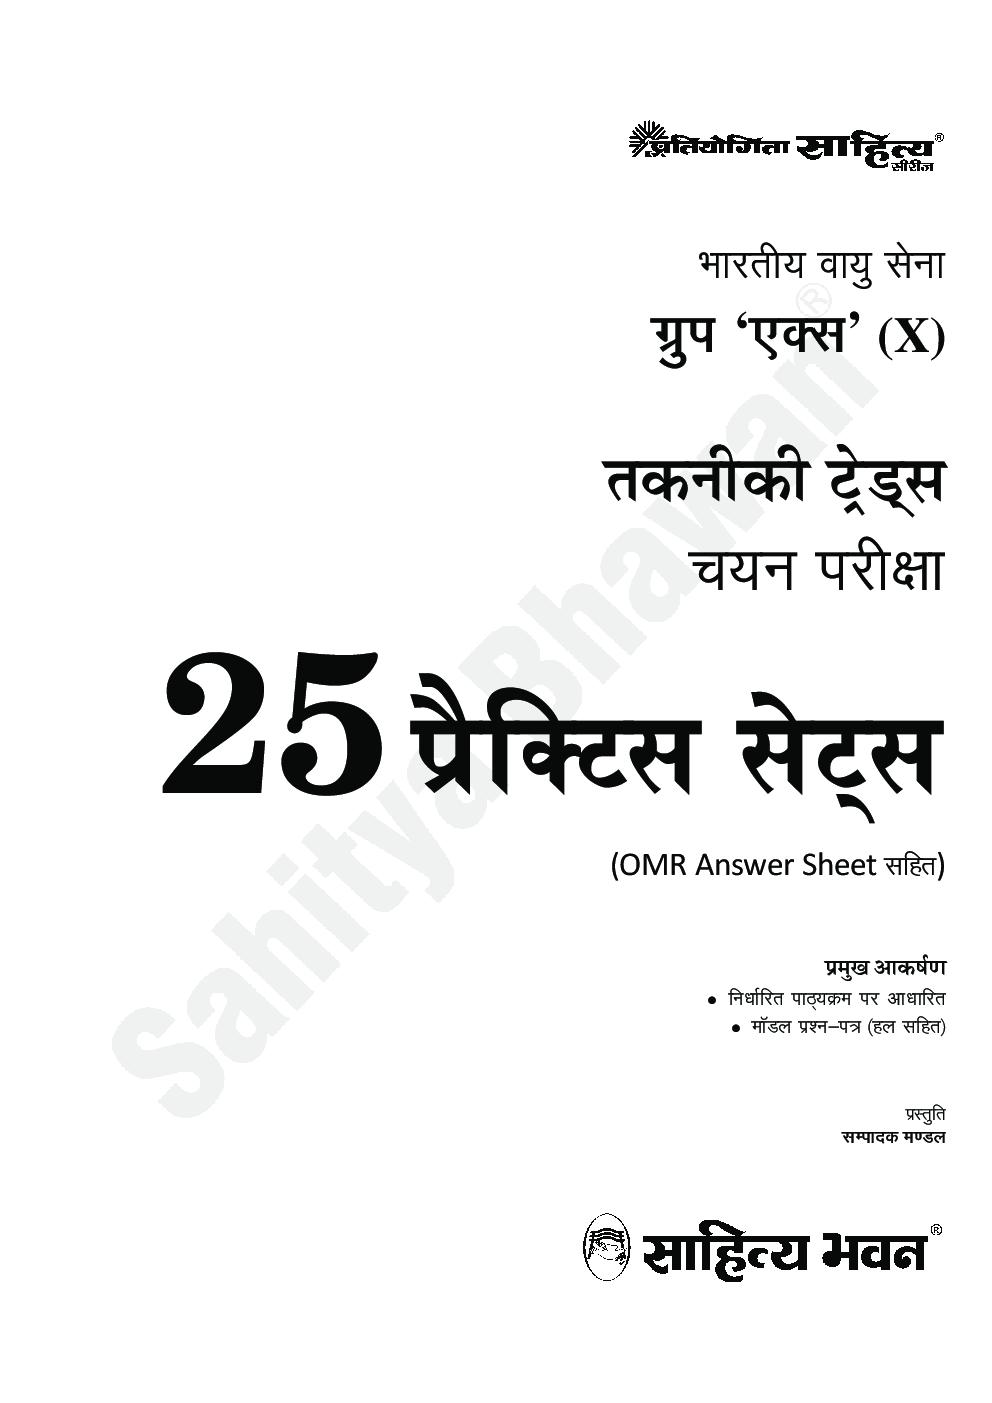 25 Practice Sets Bhartiya Vayu Seana Group \'X\' Takniki Treds Chayan Pariksha - Page 2